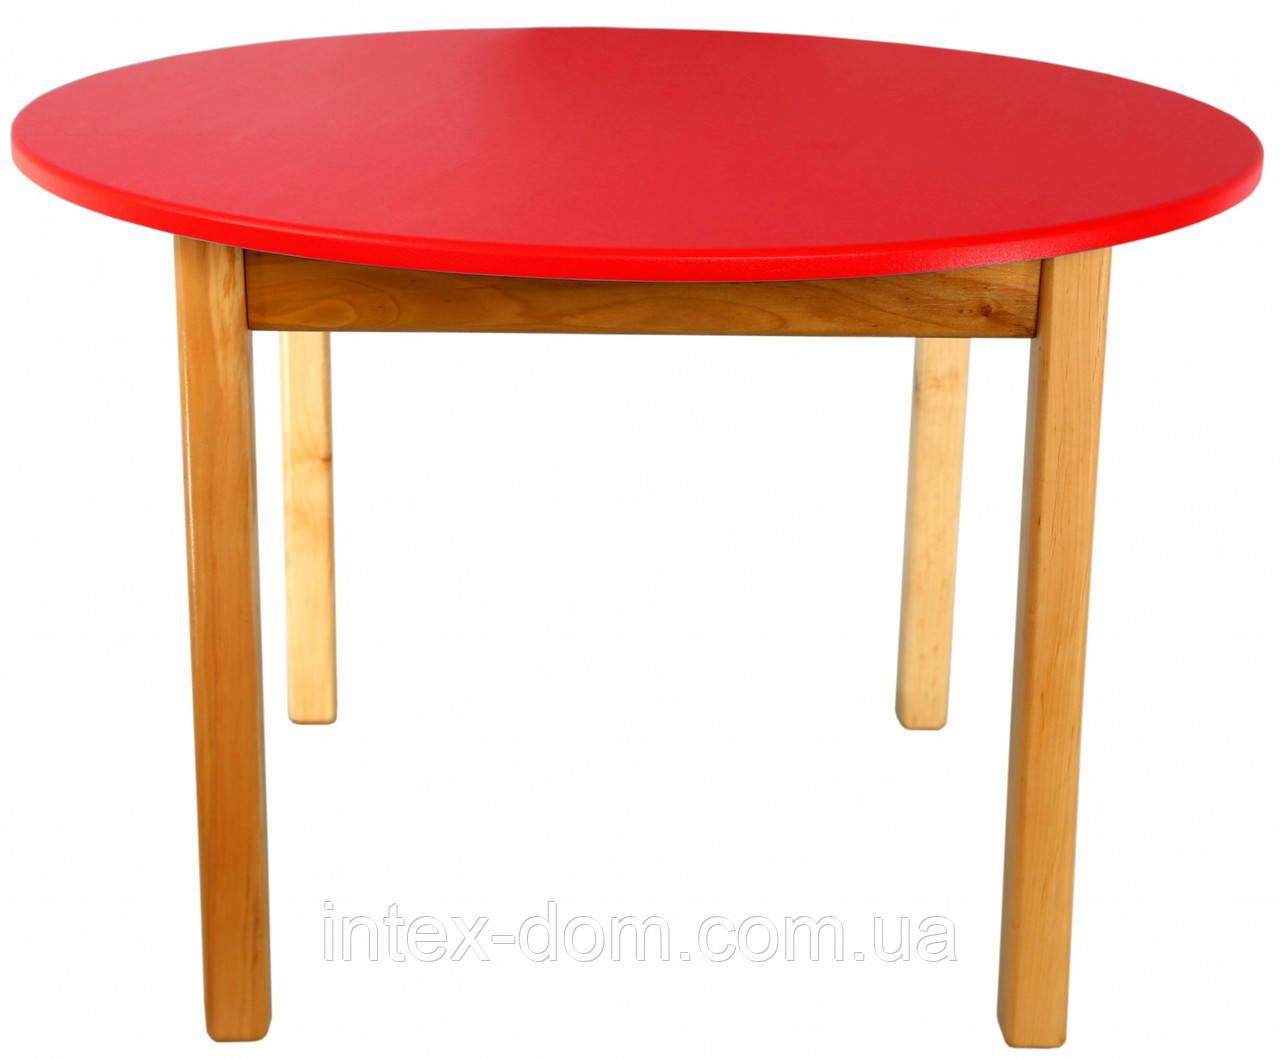 Деревянный (красный) столик с круглой столешницей Финекс Плюс